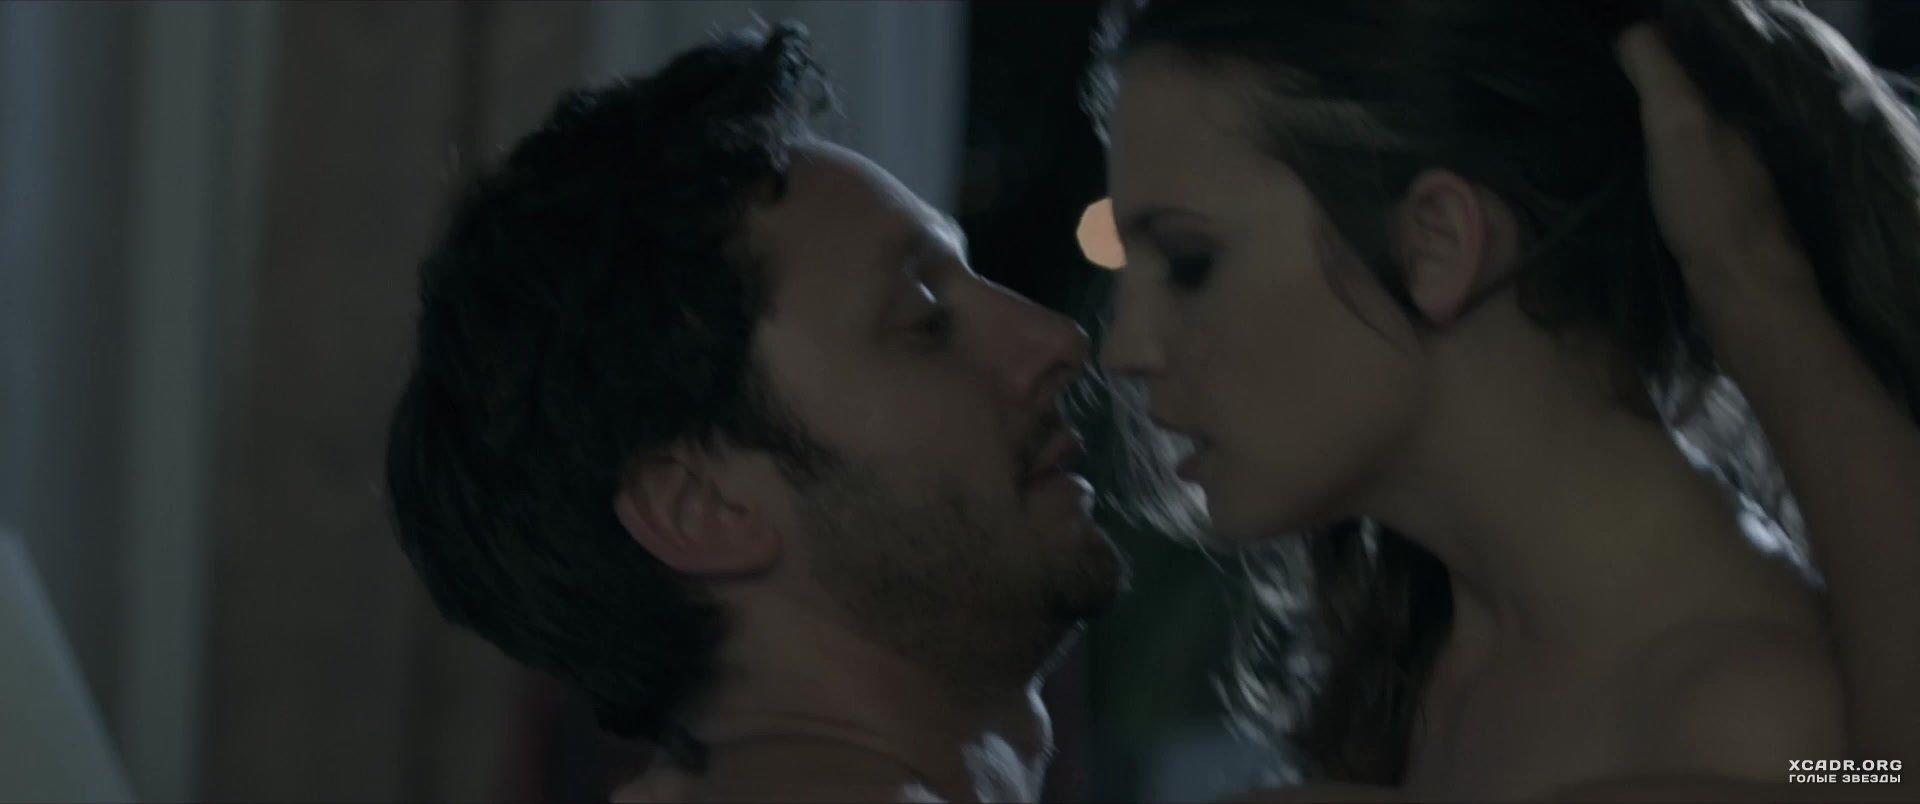 Сцены секса из эротических фильмов какие